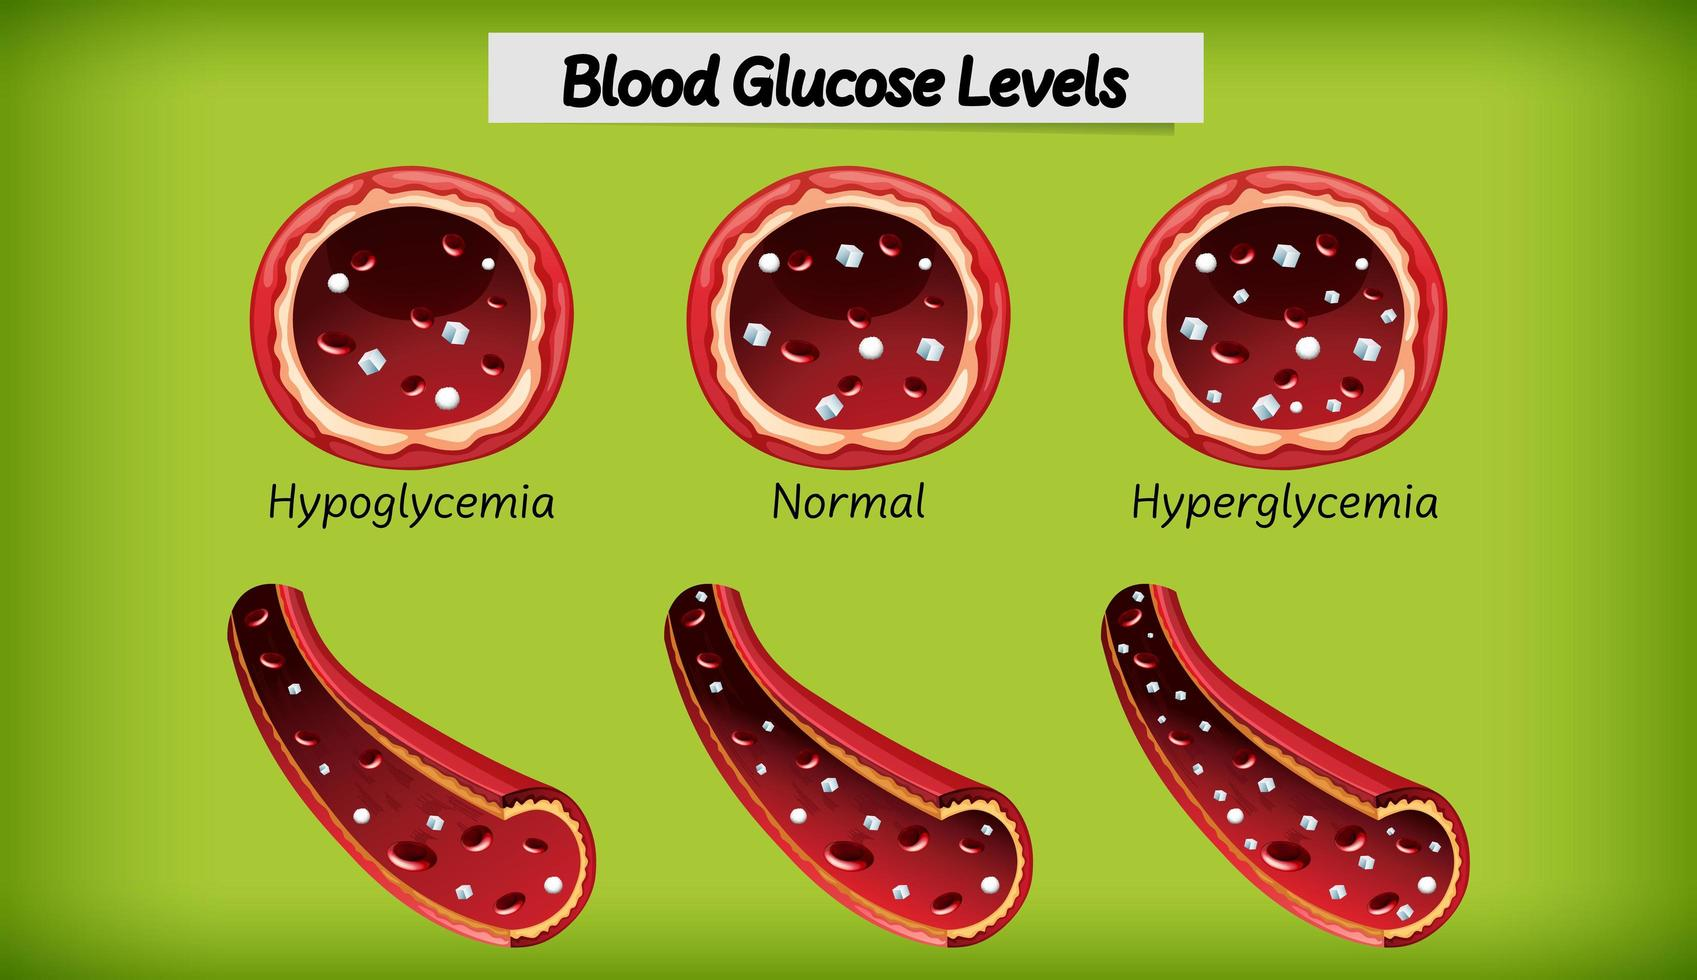 medizinischer Blutzuckerspiegel vektor